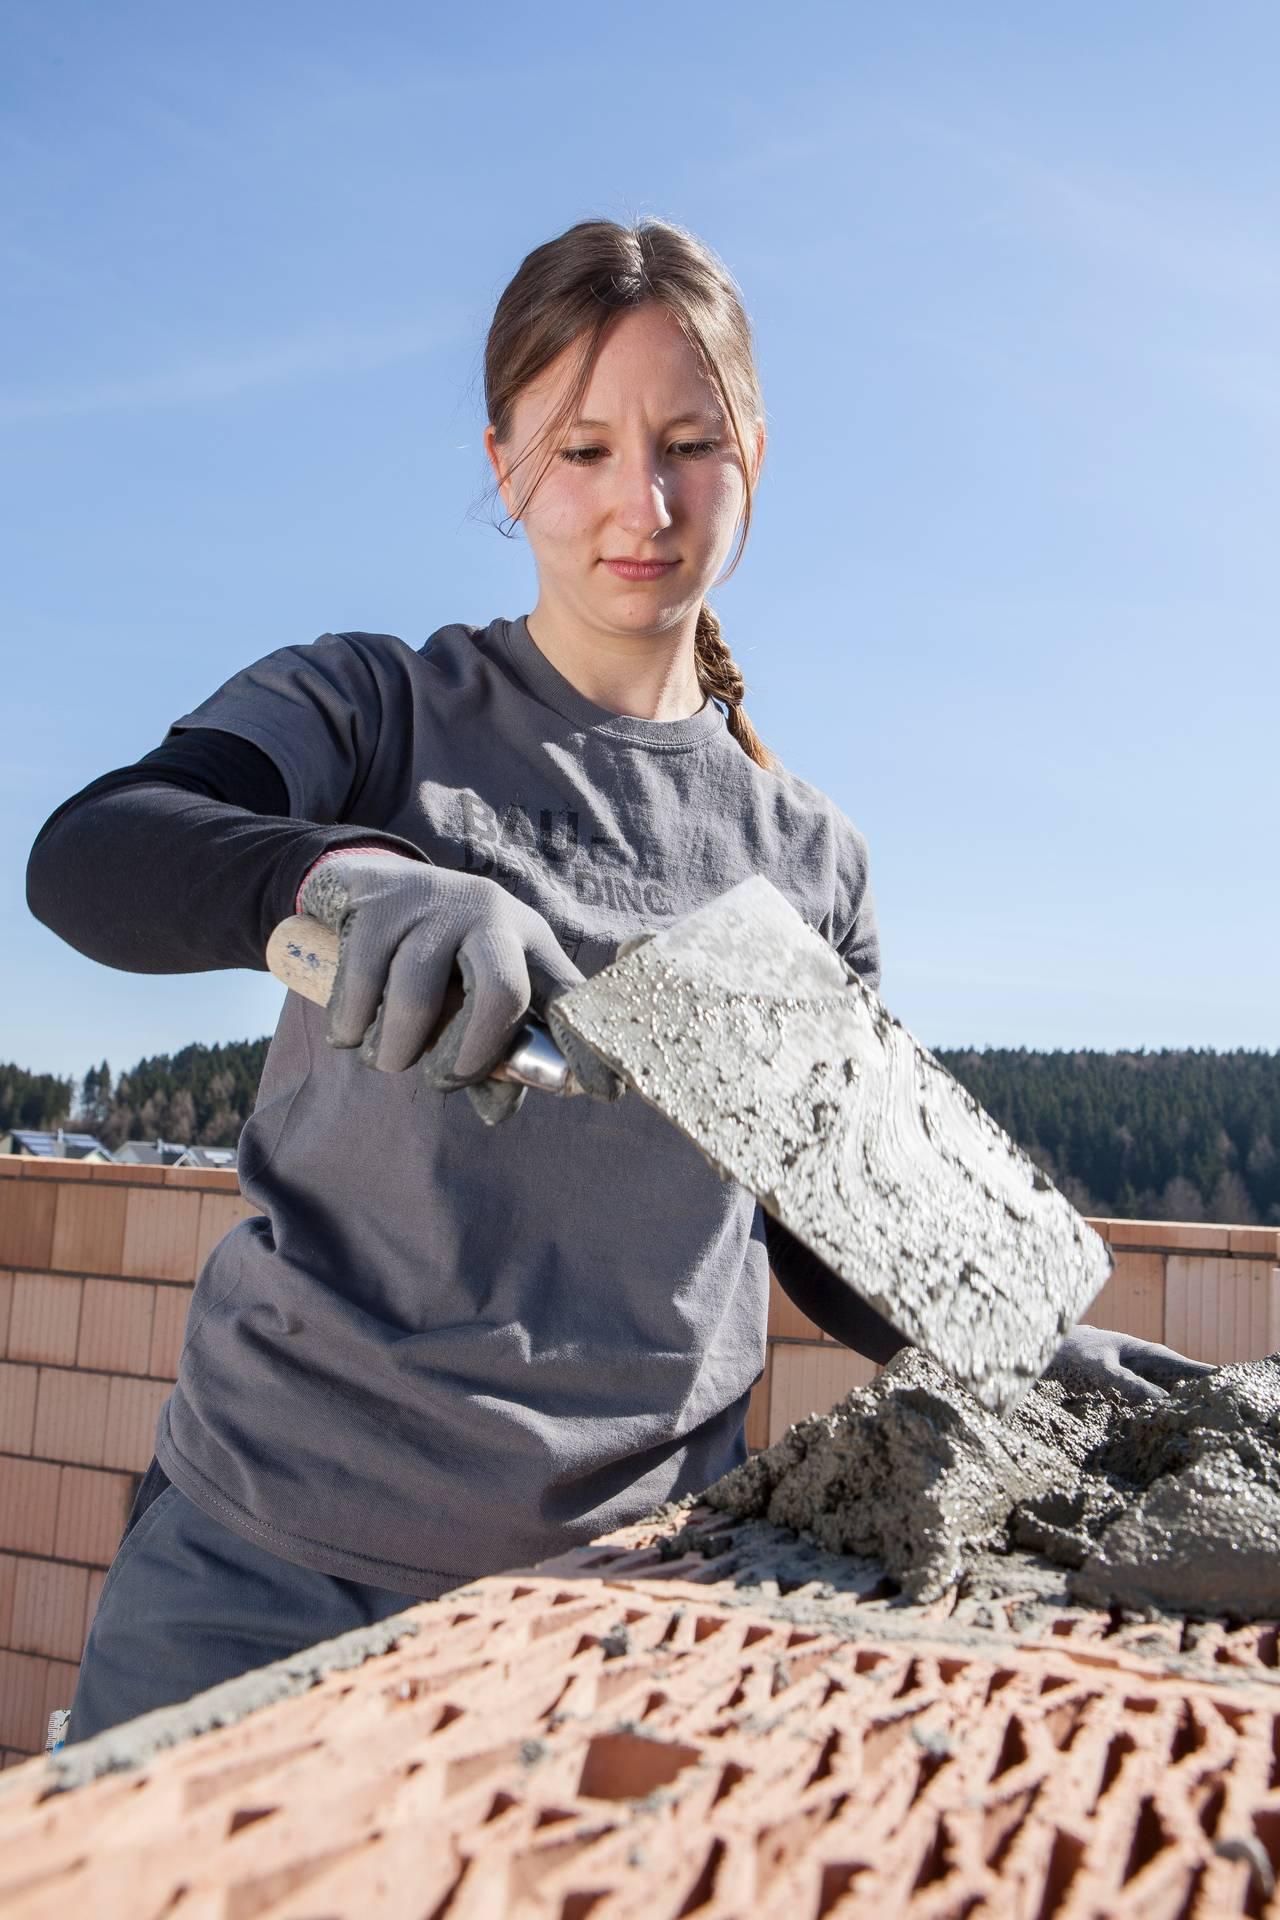 Jennifer Heinzmann verbindet Studium und handwerkliche Lehre mit dem Biberacher Modell.